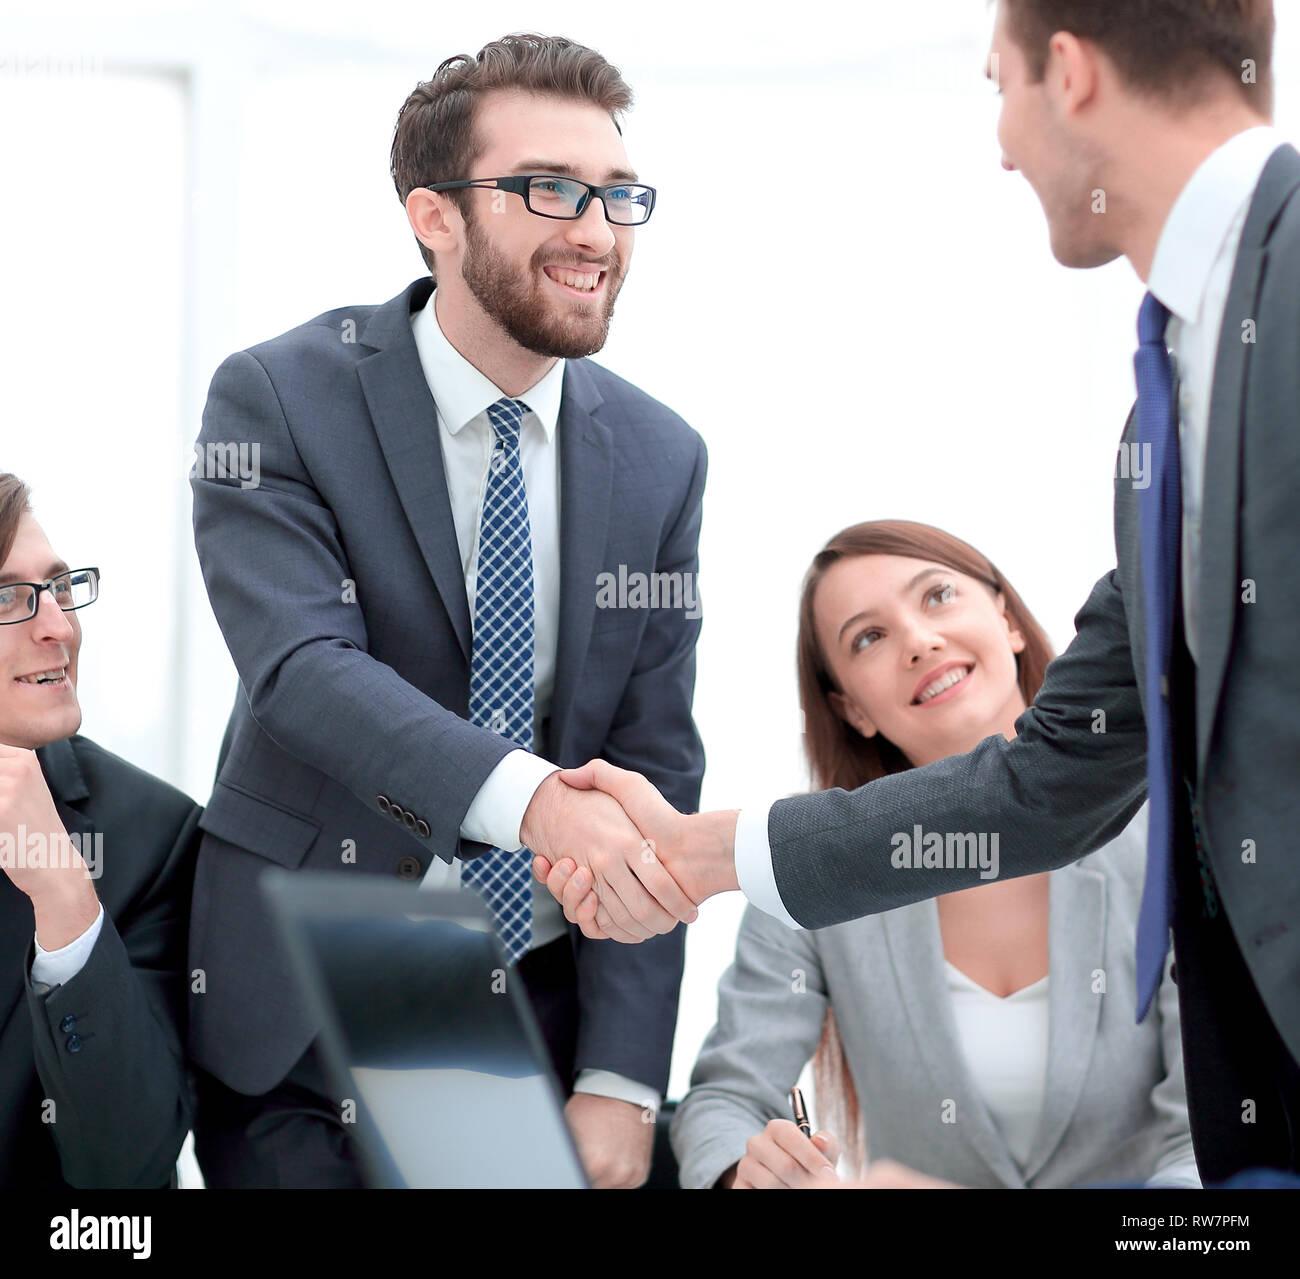 Se félicitant de l'homme business partner Photo Stock